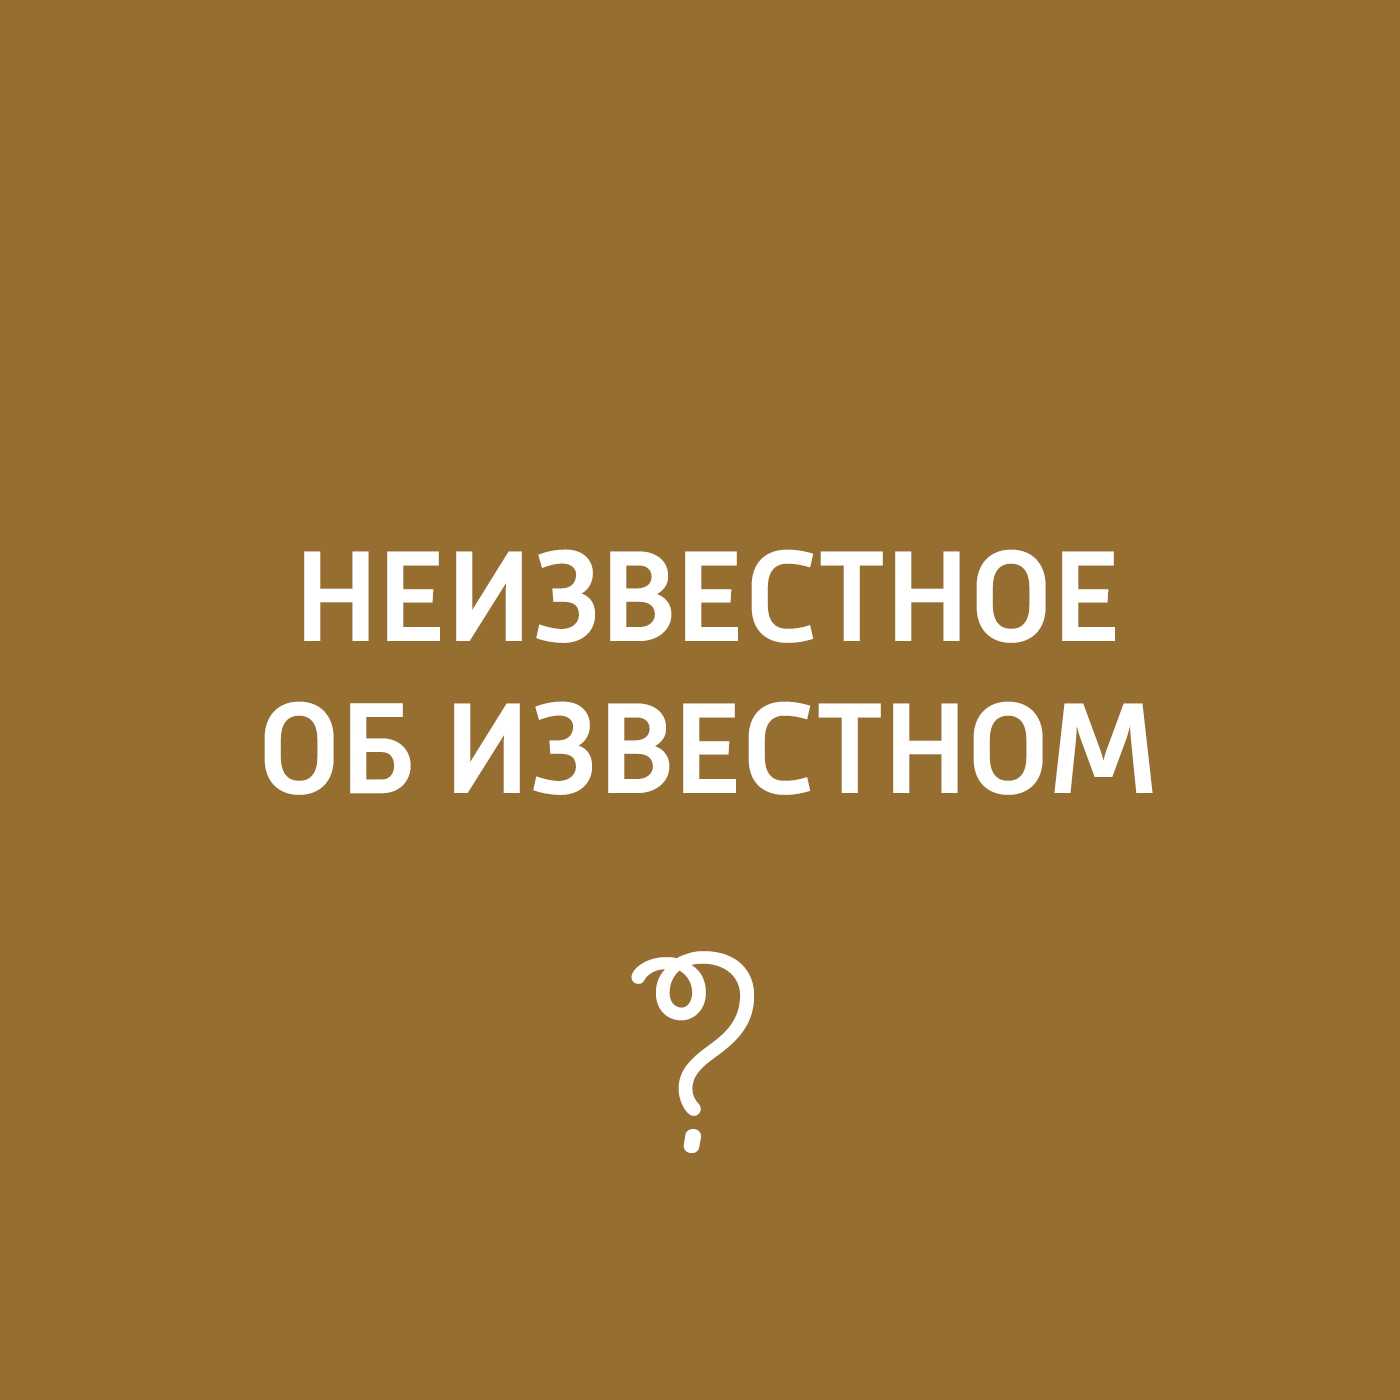 Творческий коллектив программы «Пора домой» Архитектура Мельникова